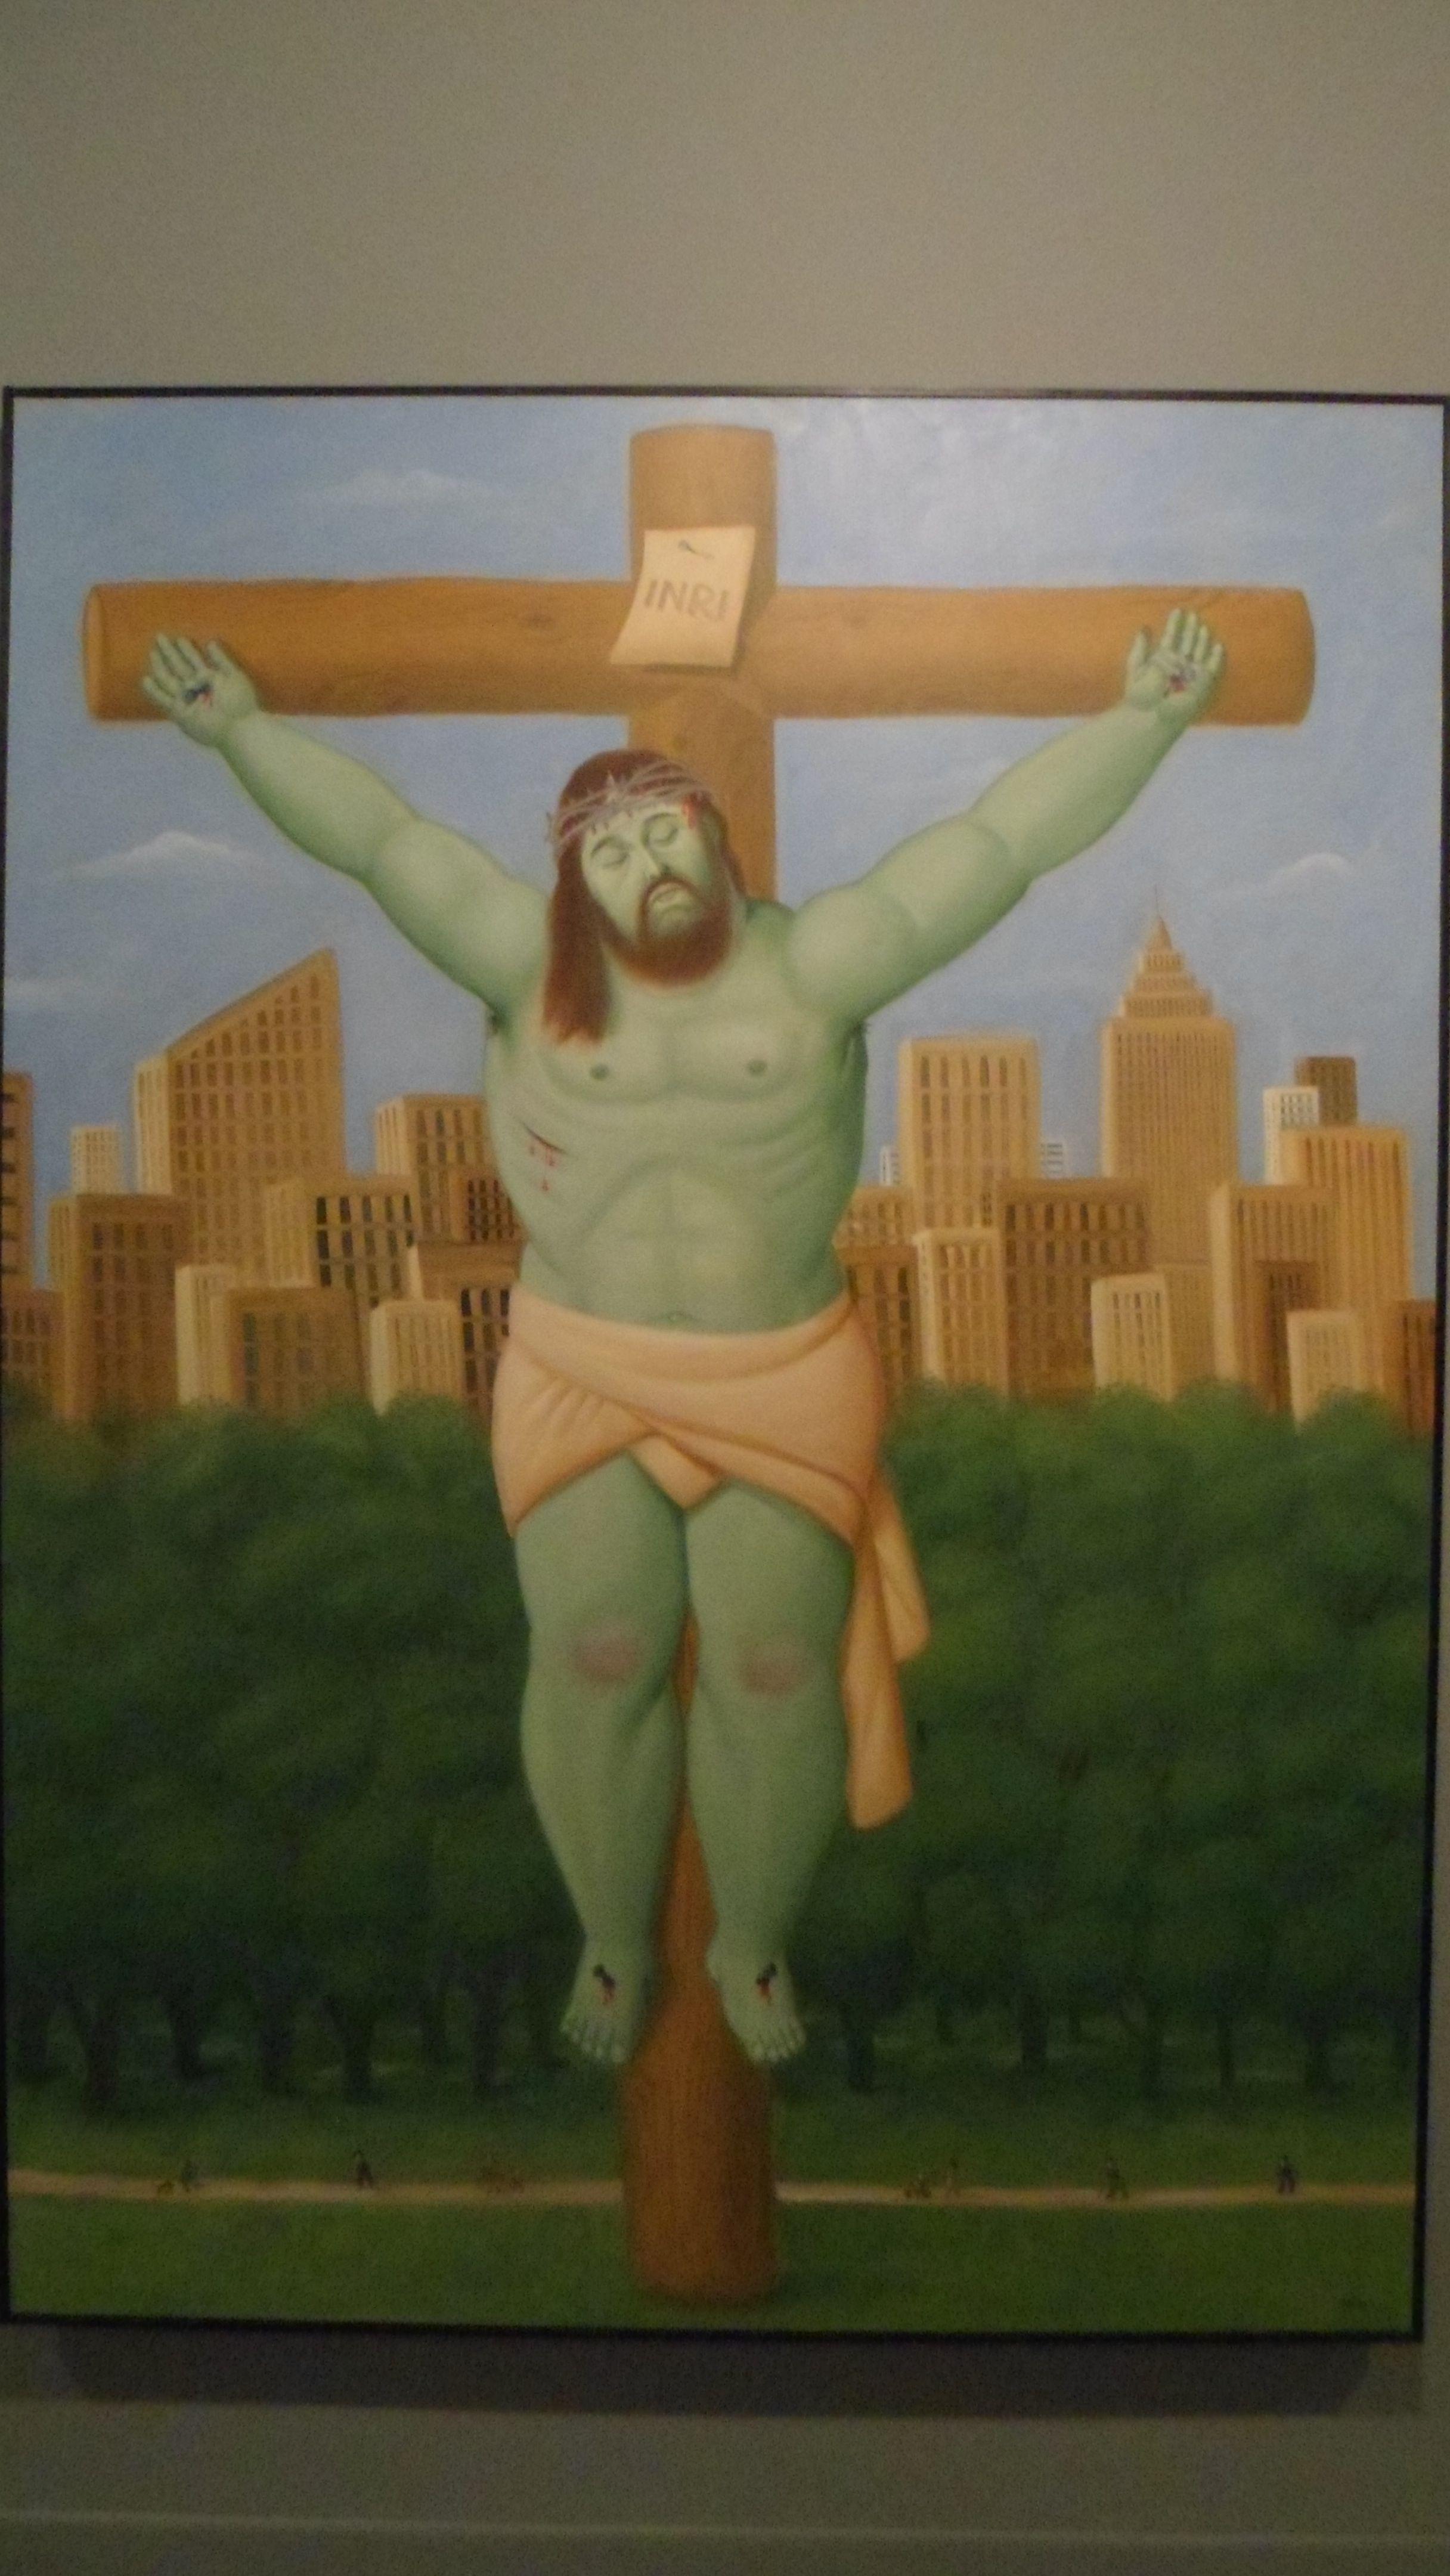 Jesús en la cruz   Viacrucis   Pinterest   Jesús en la cruz y La cruz